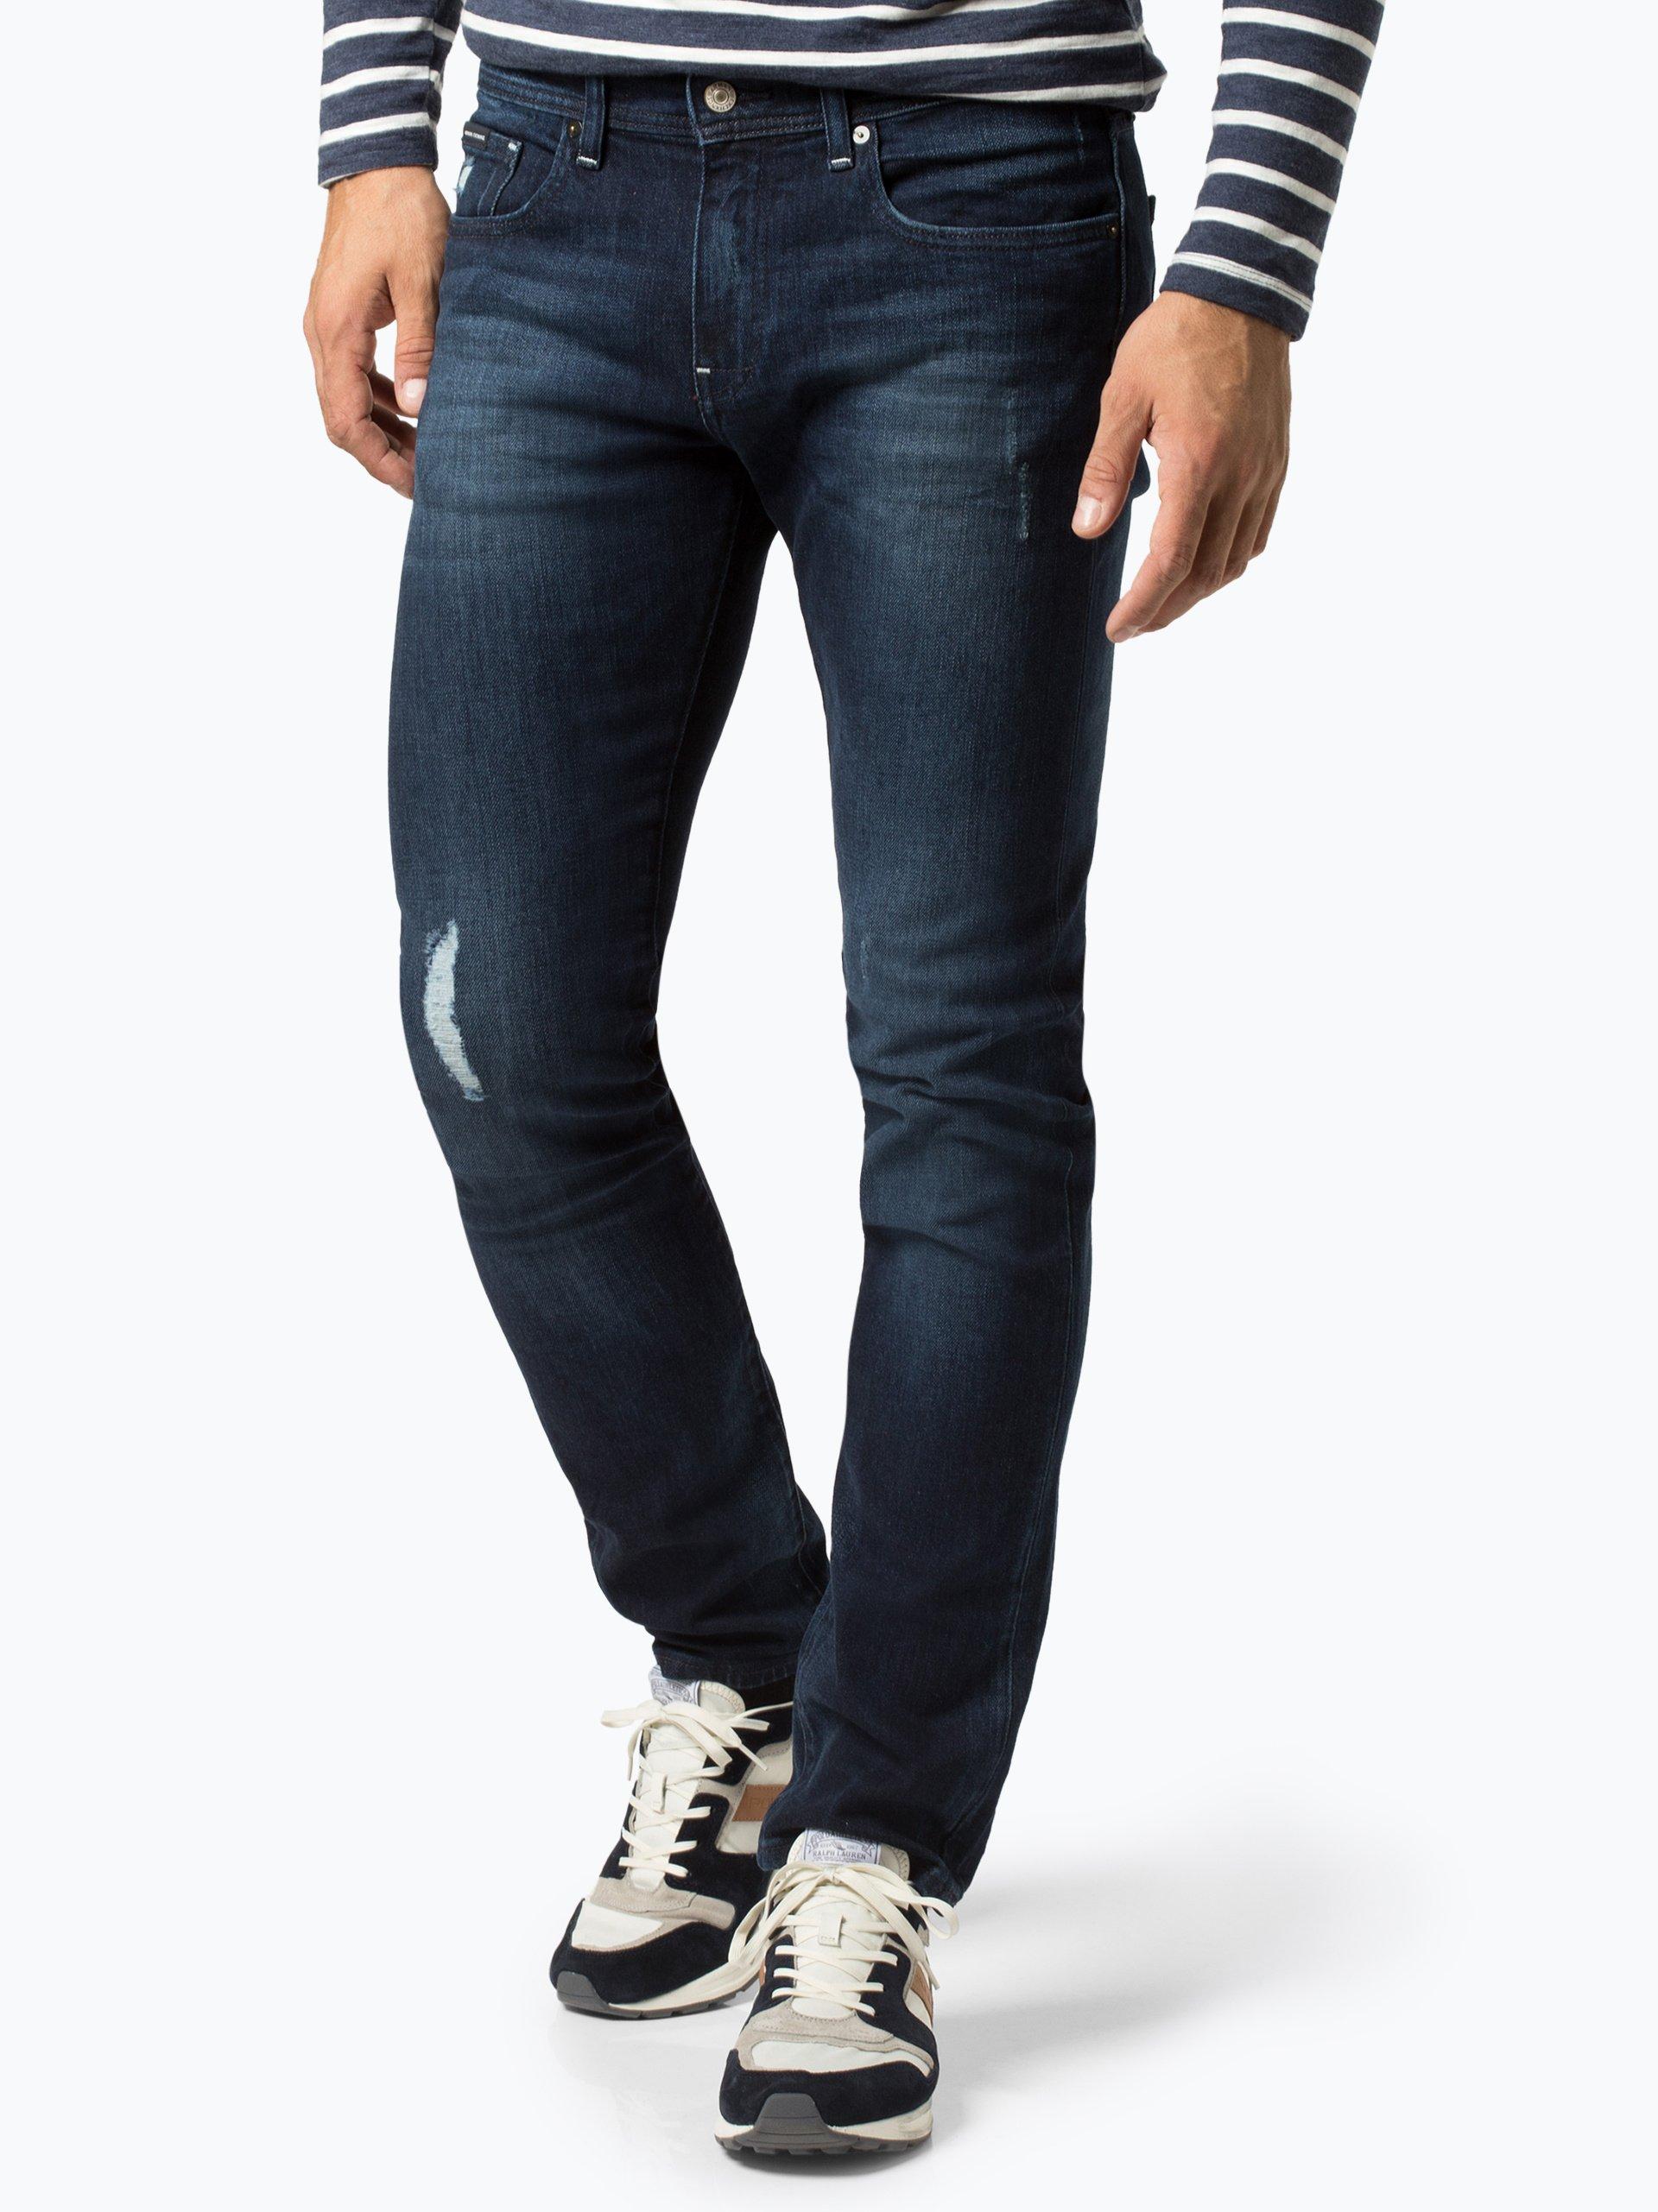 Armani Exchange Herren Jeans